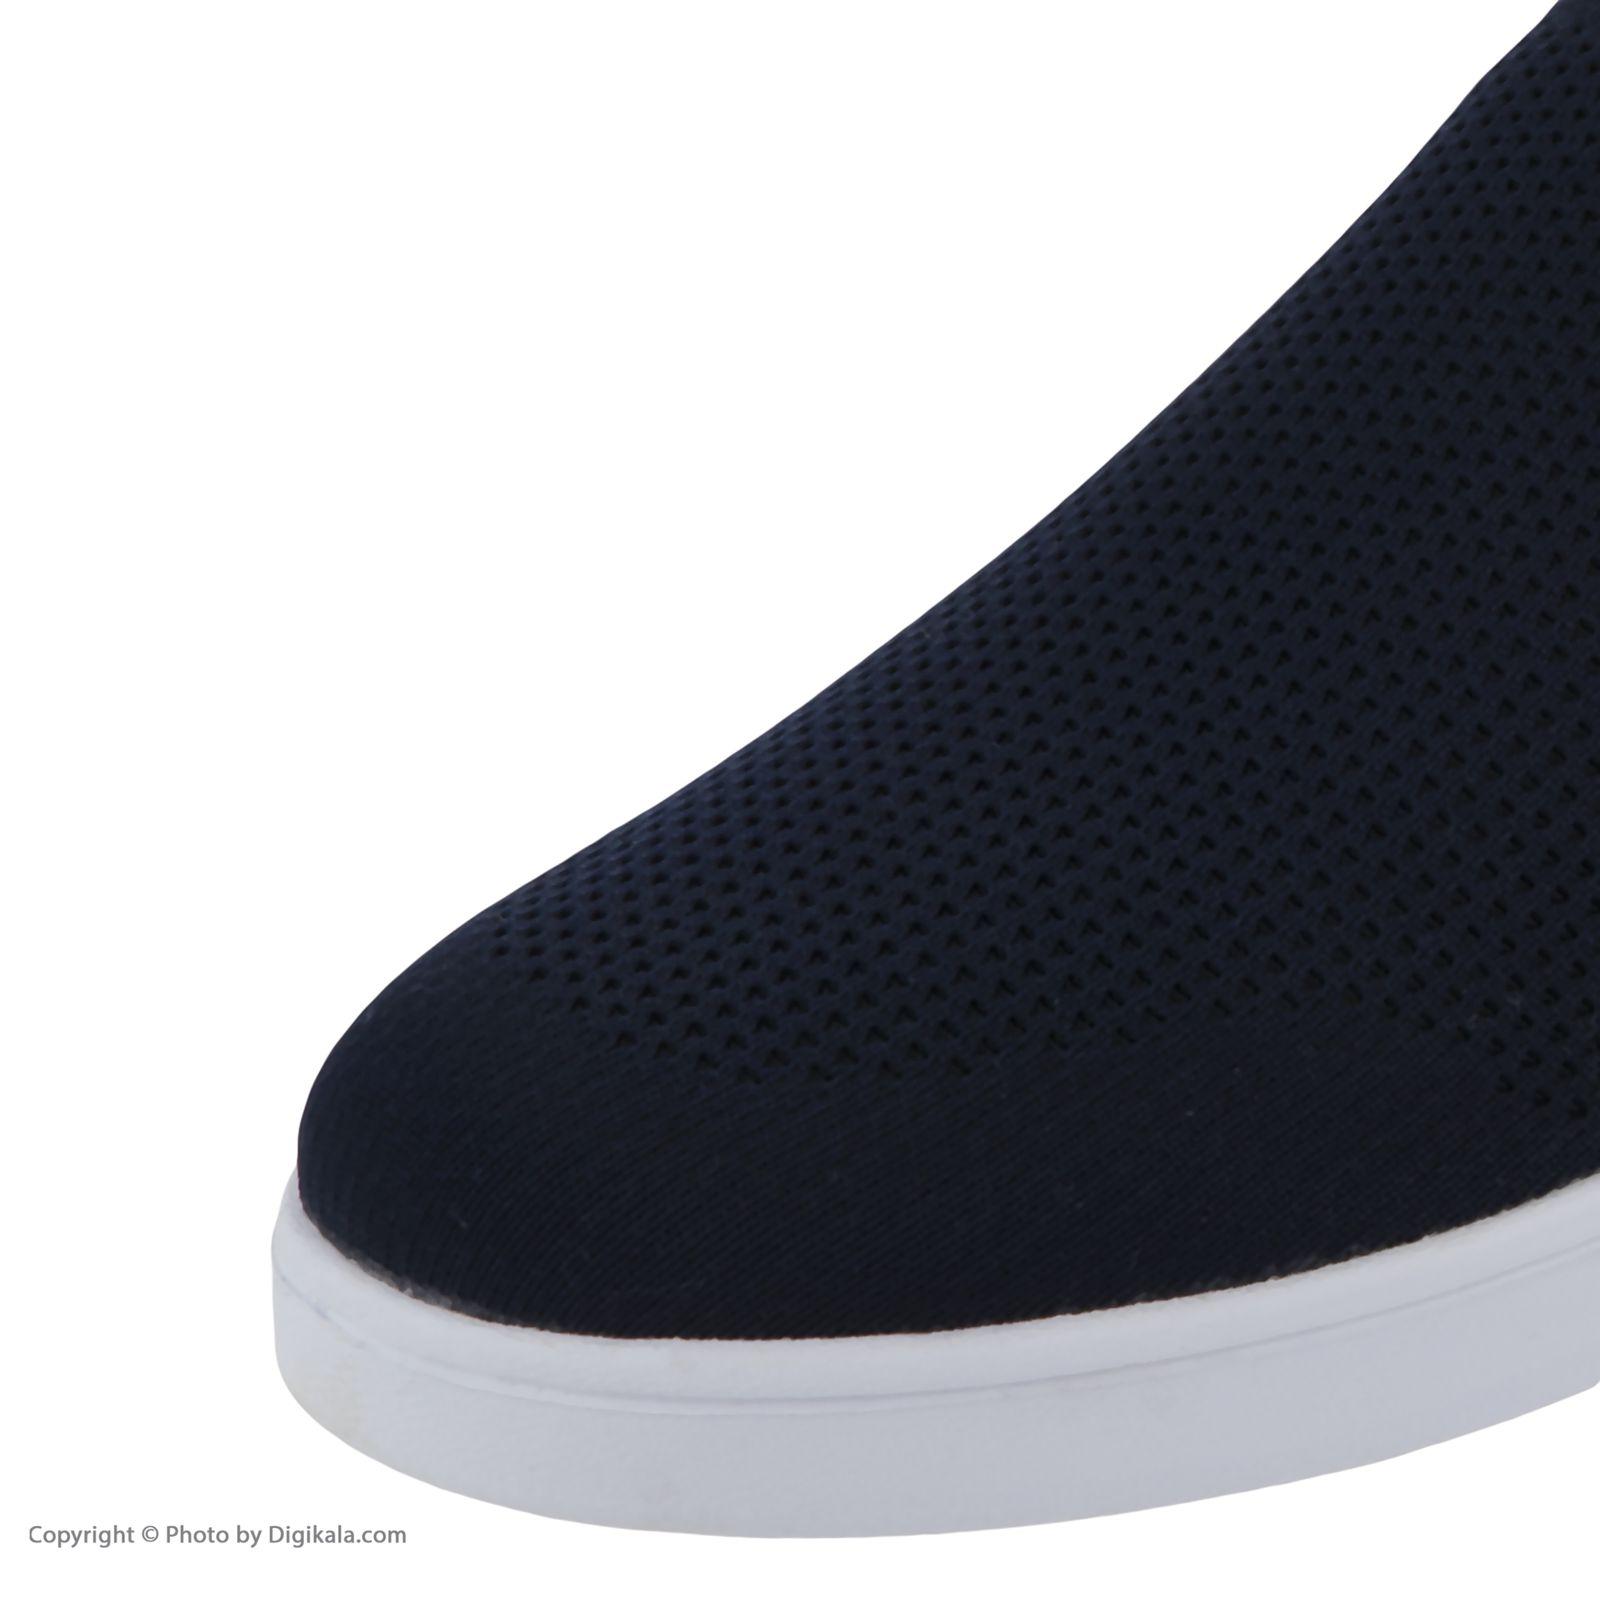 کفش راحتی مردانه مل اند موژ مدل 1020-20-400 main 1 6